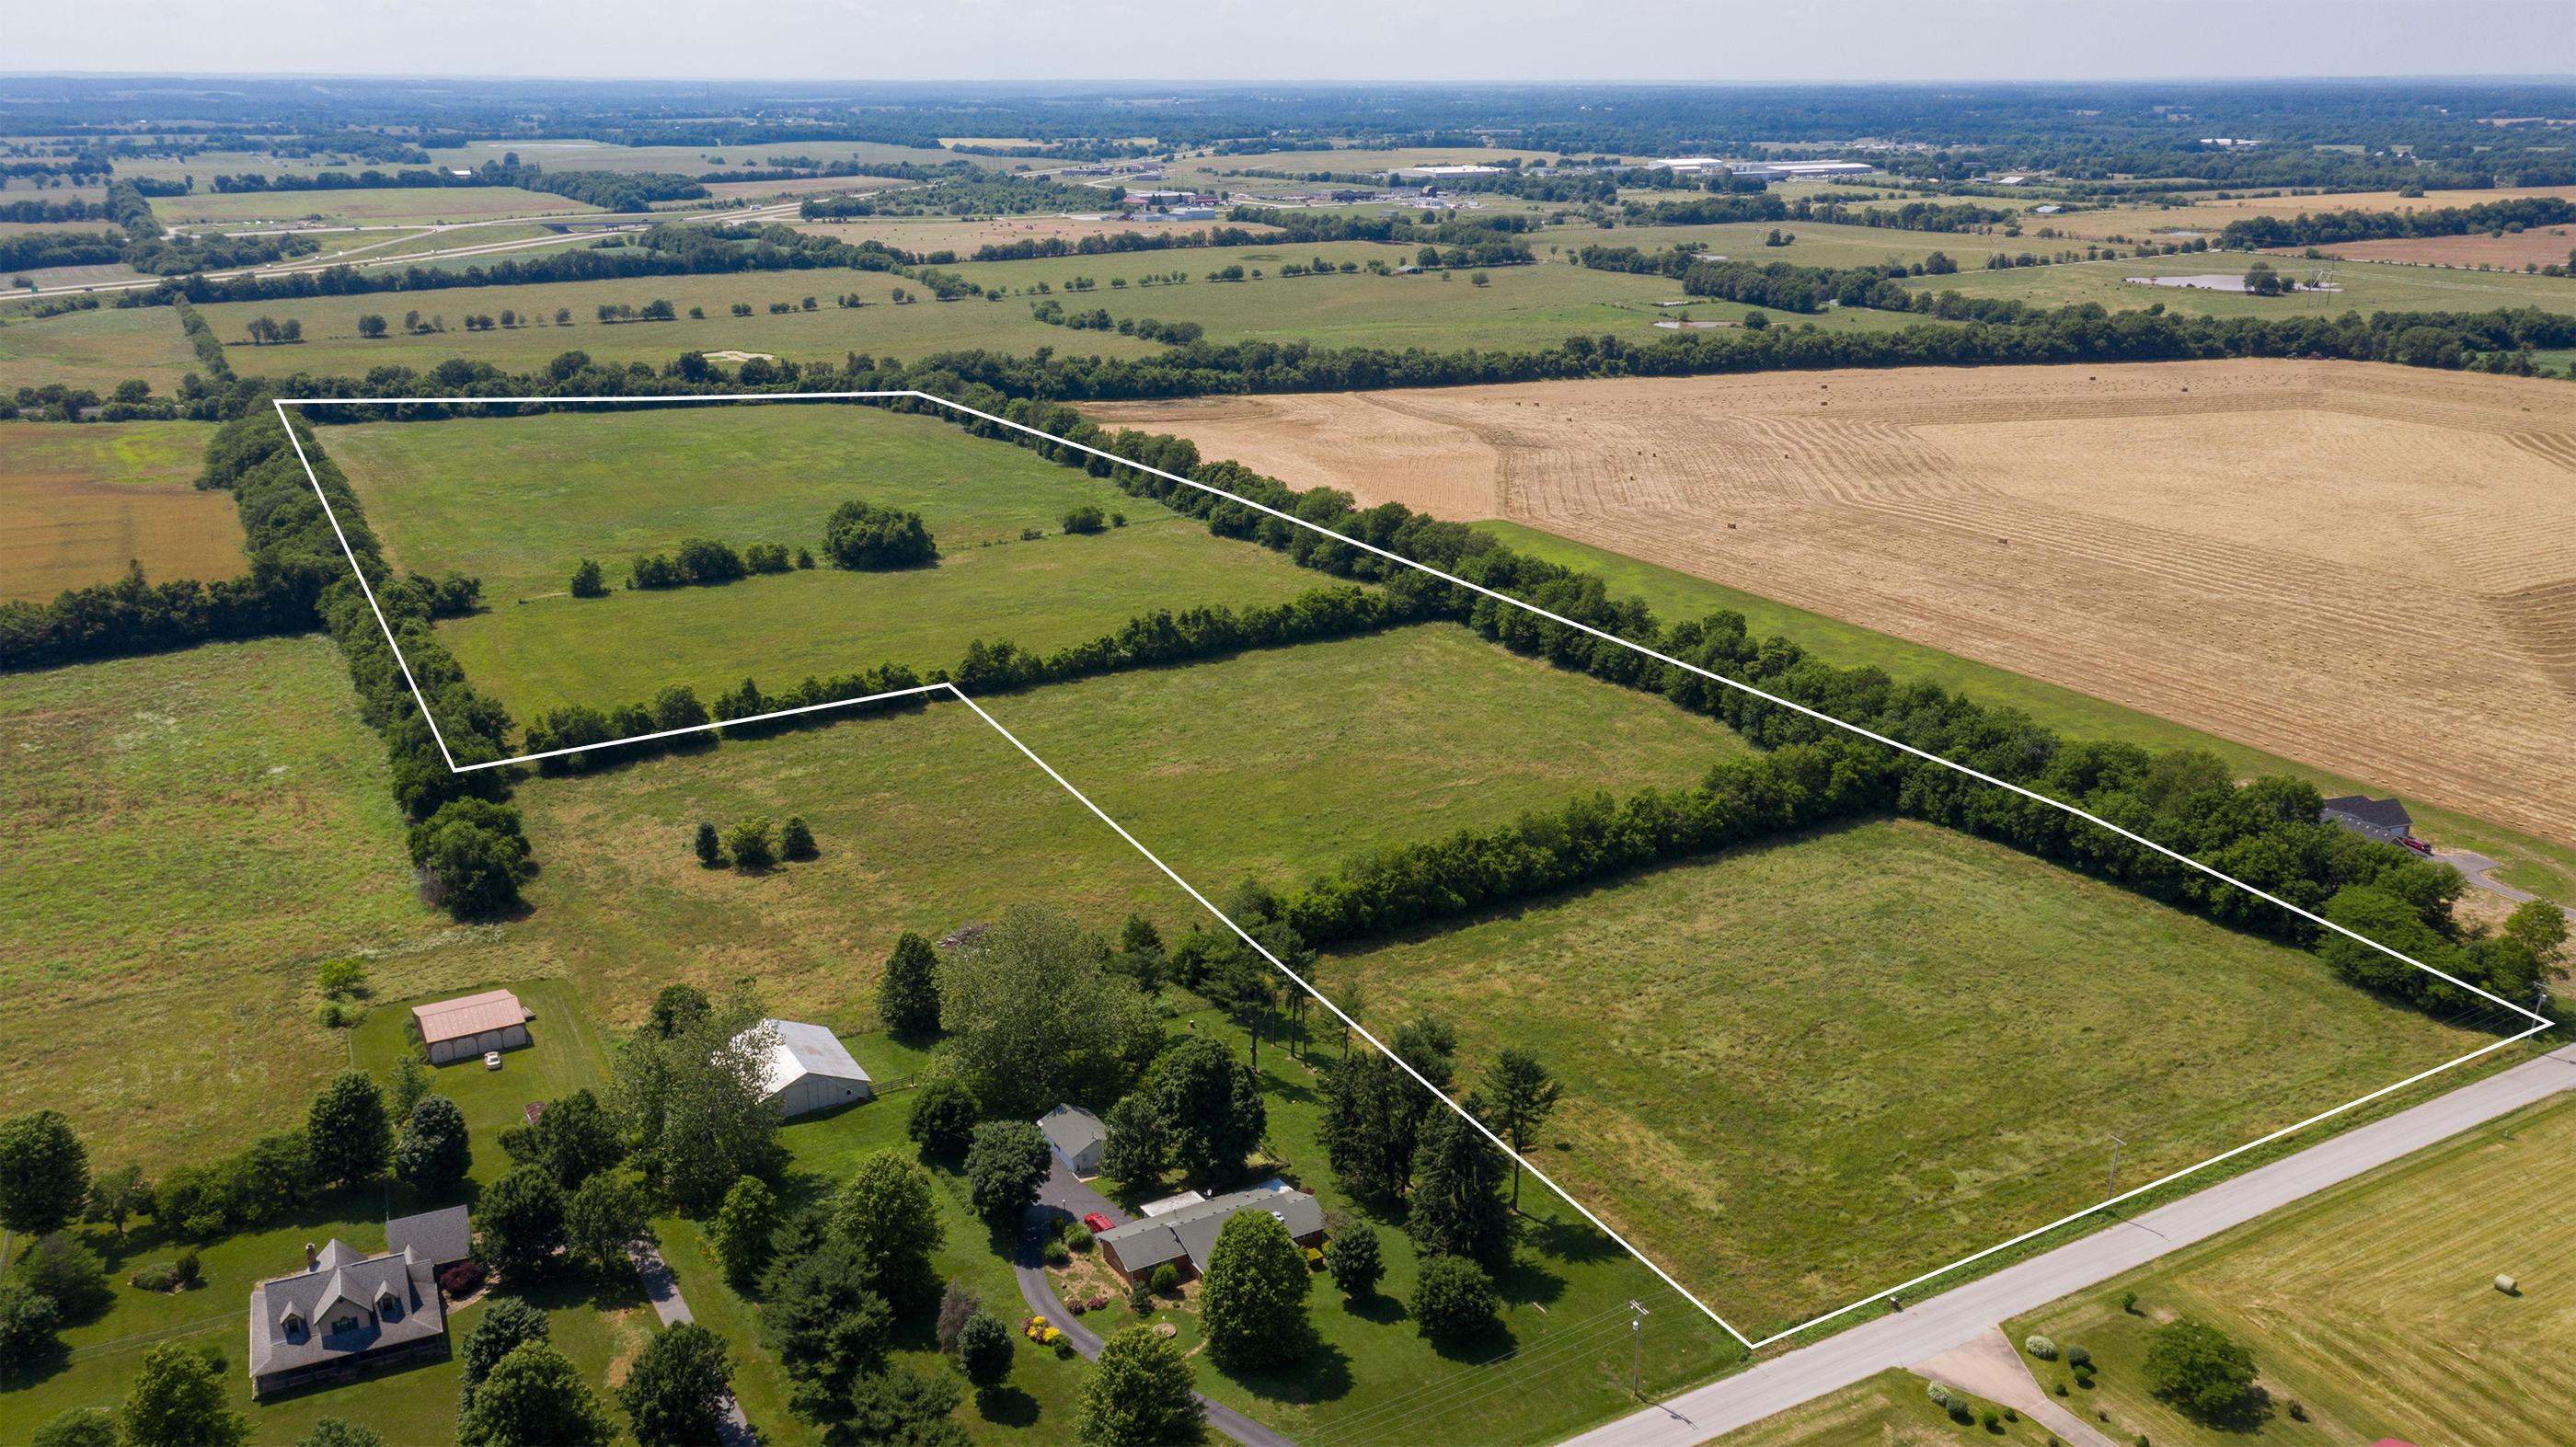 Tbd South Farm Rd Republic, MO 65738